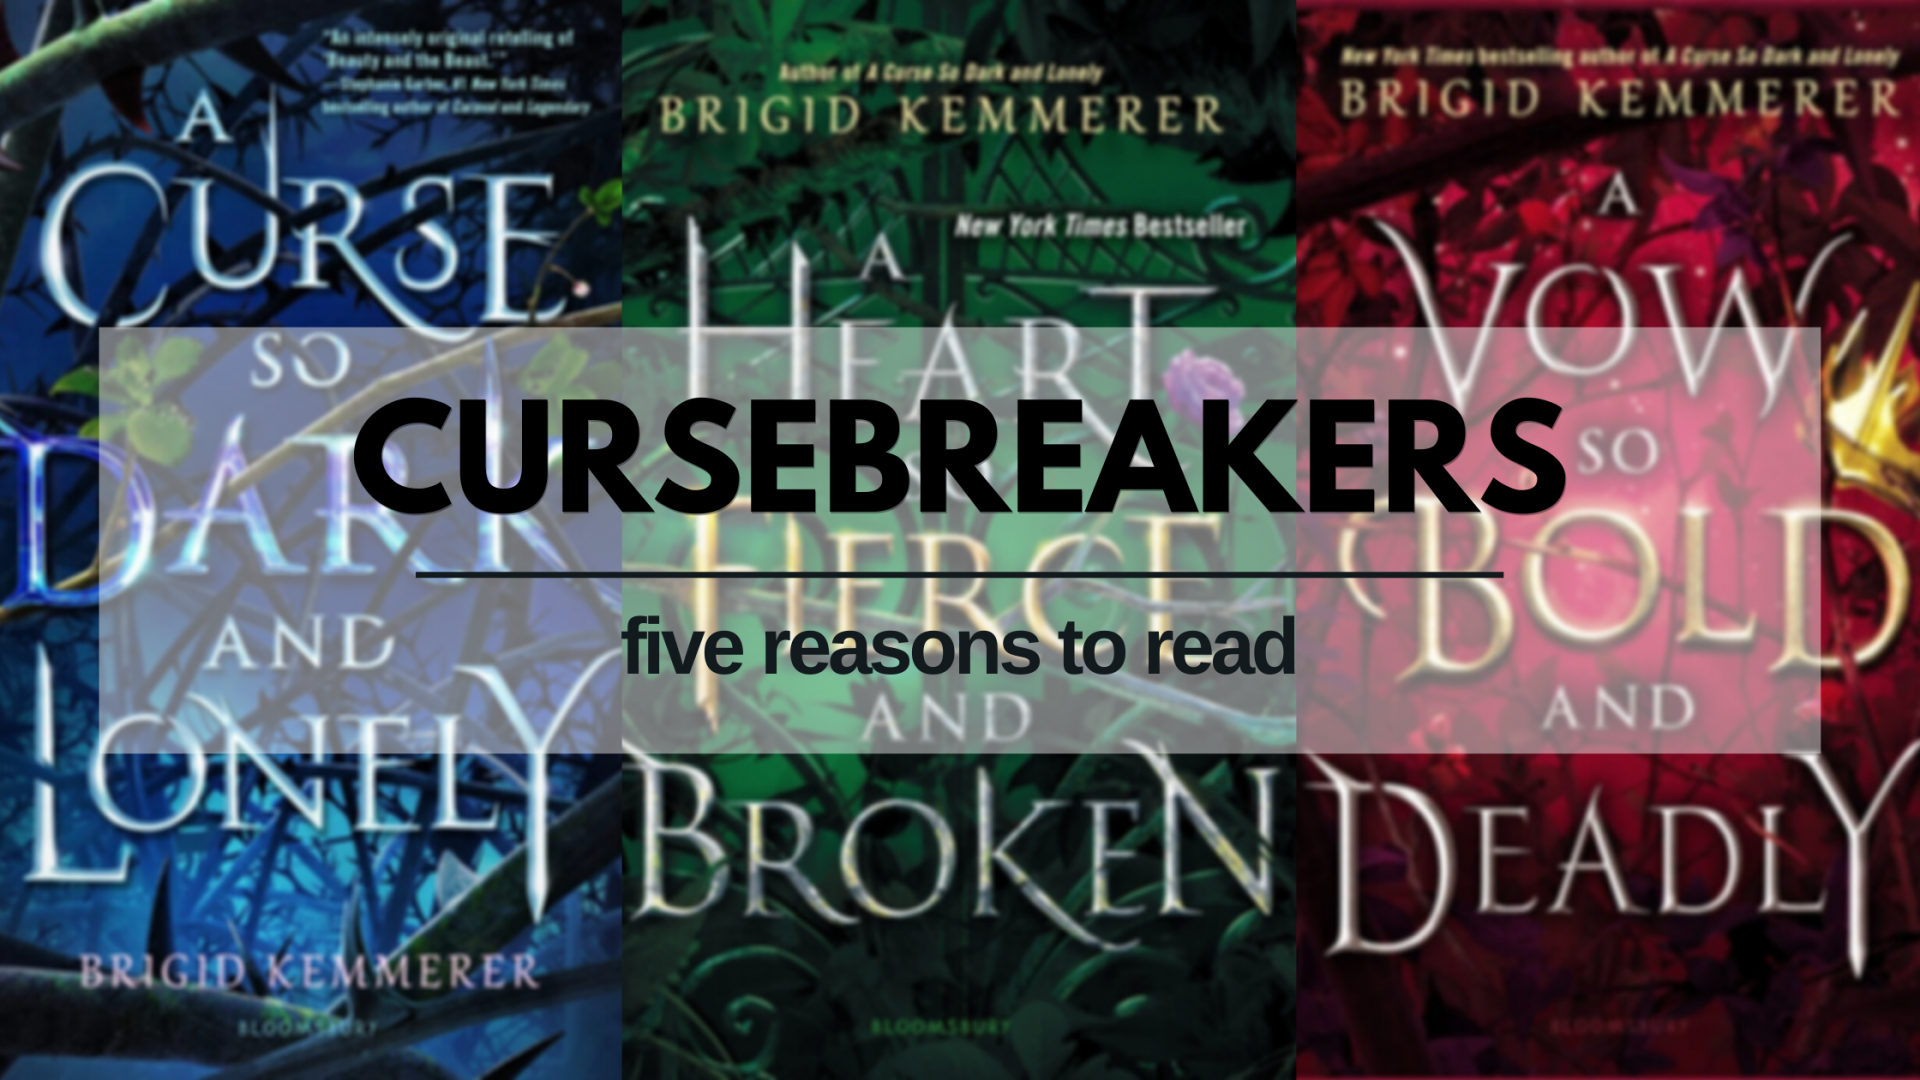 Cursebreakers by Brigid Kemmerer